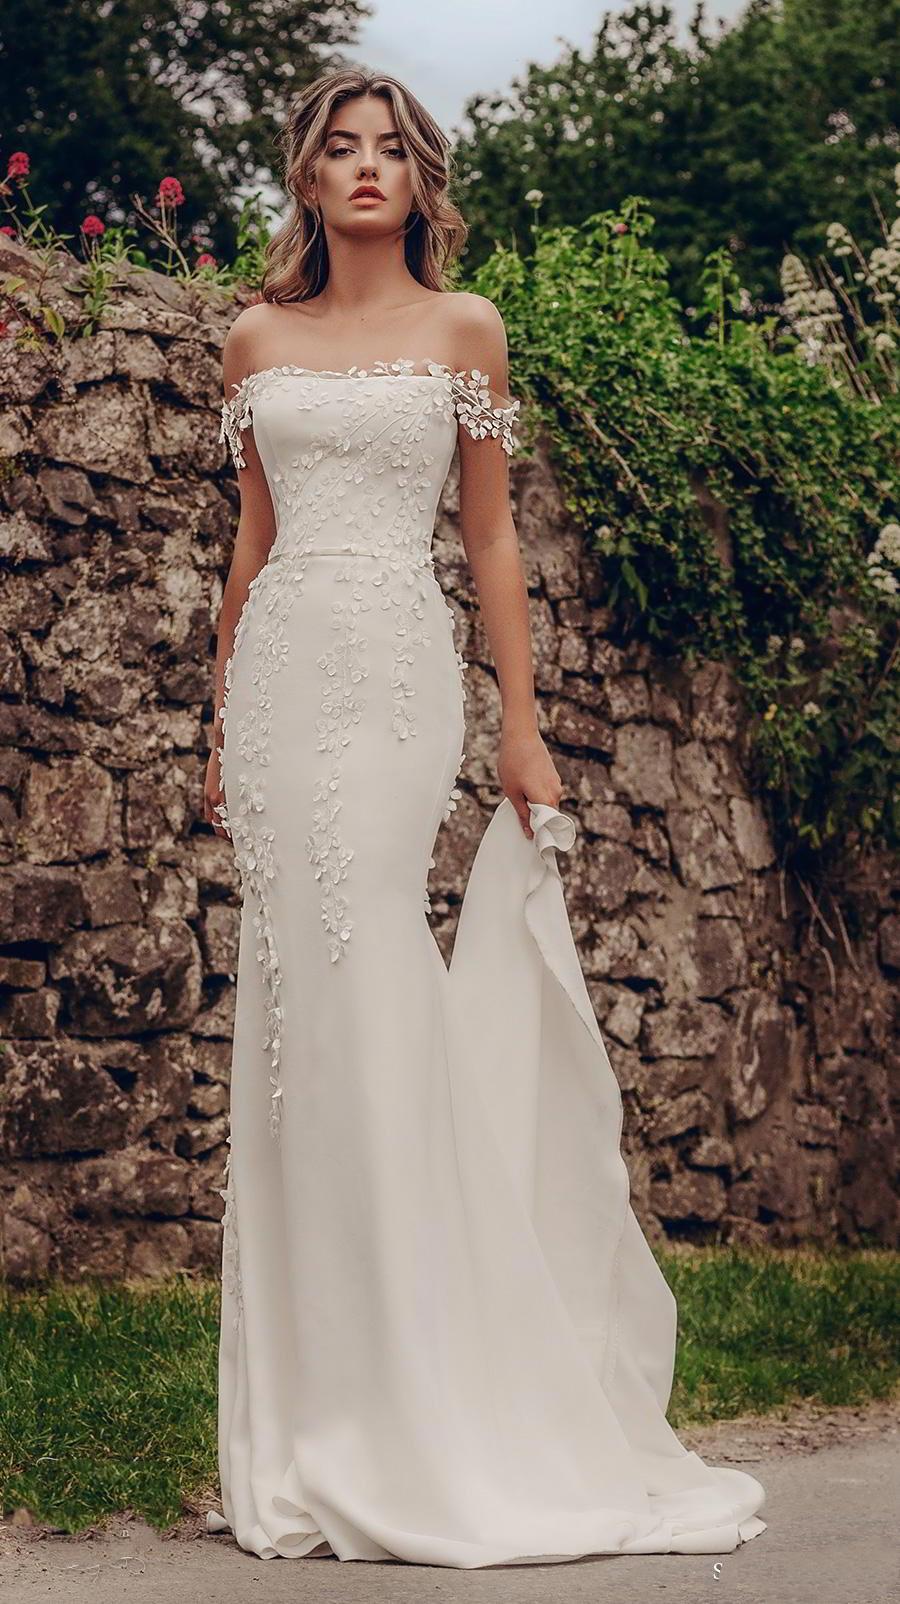 Weddingbeautycouple Fit And Flare Wedding Dress Top Wedding Dresses Wedding Dress Trends [ 1604 x 900 Pixel ]